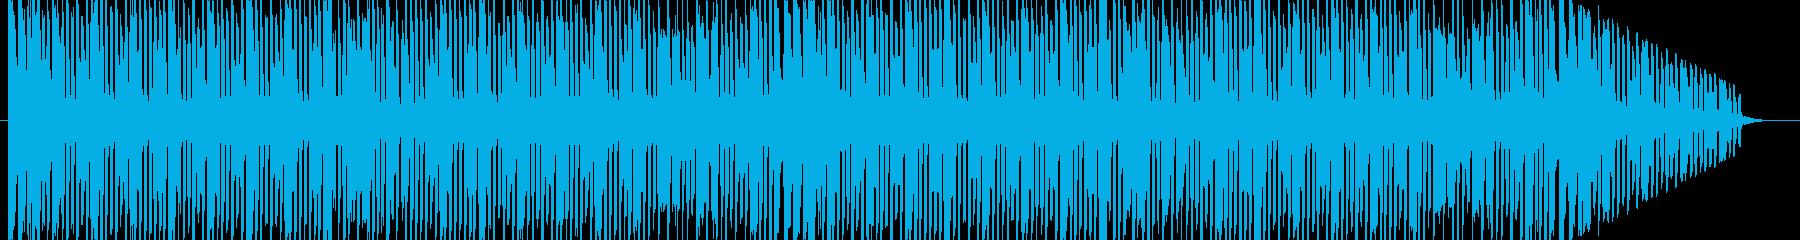 コミカルな曲調の曲ですの再生済みの波形